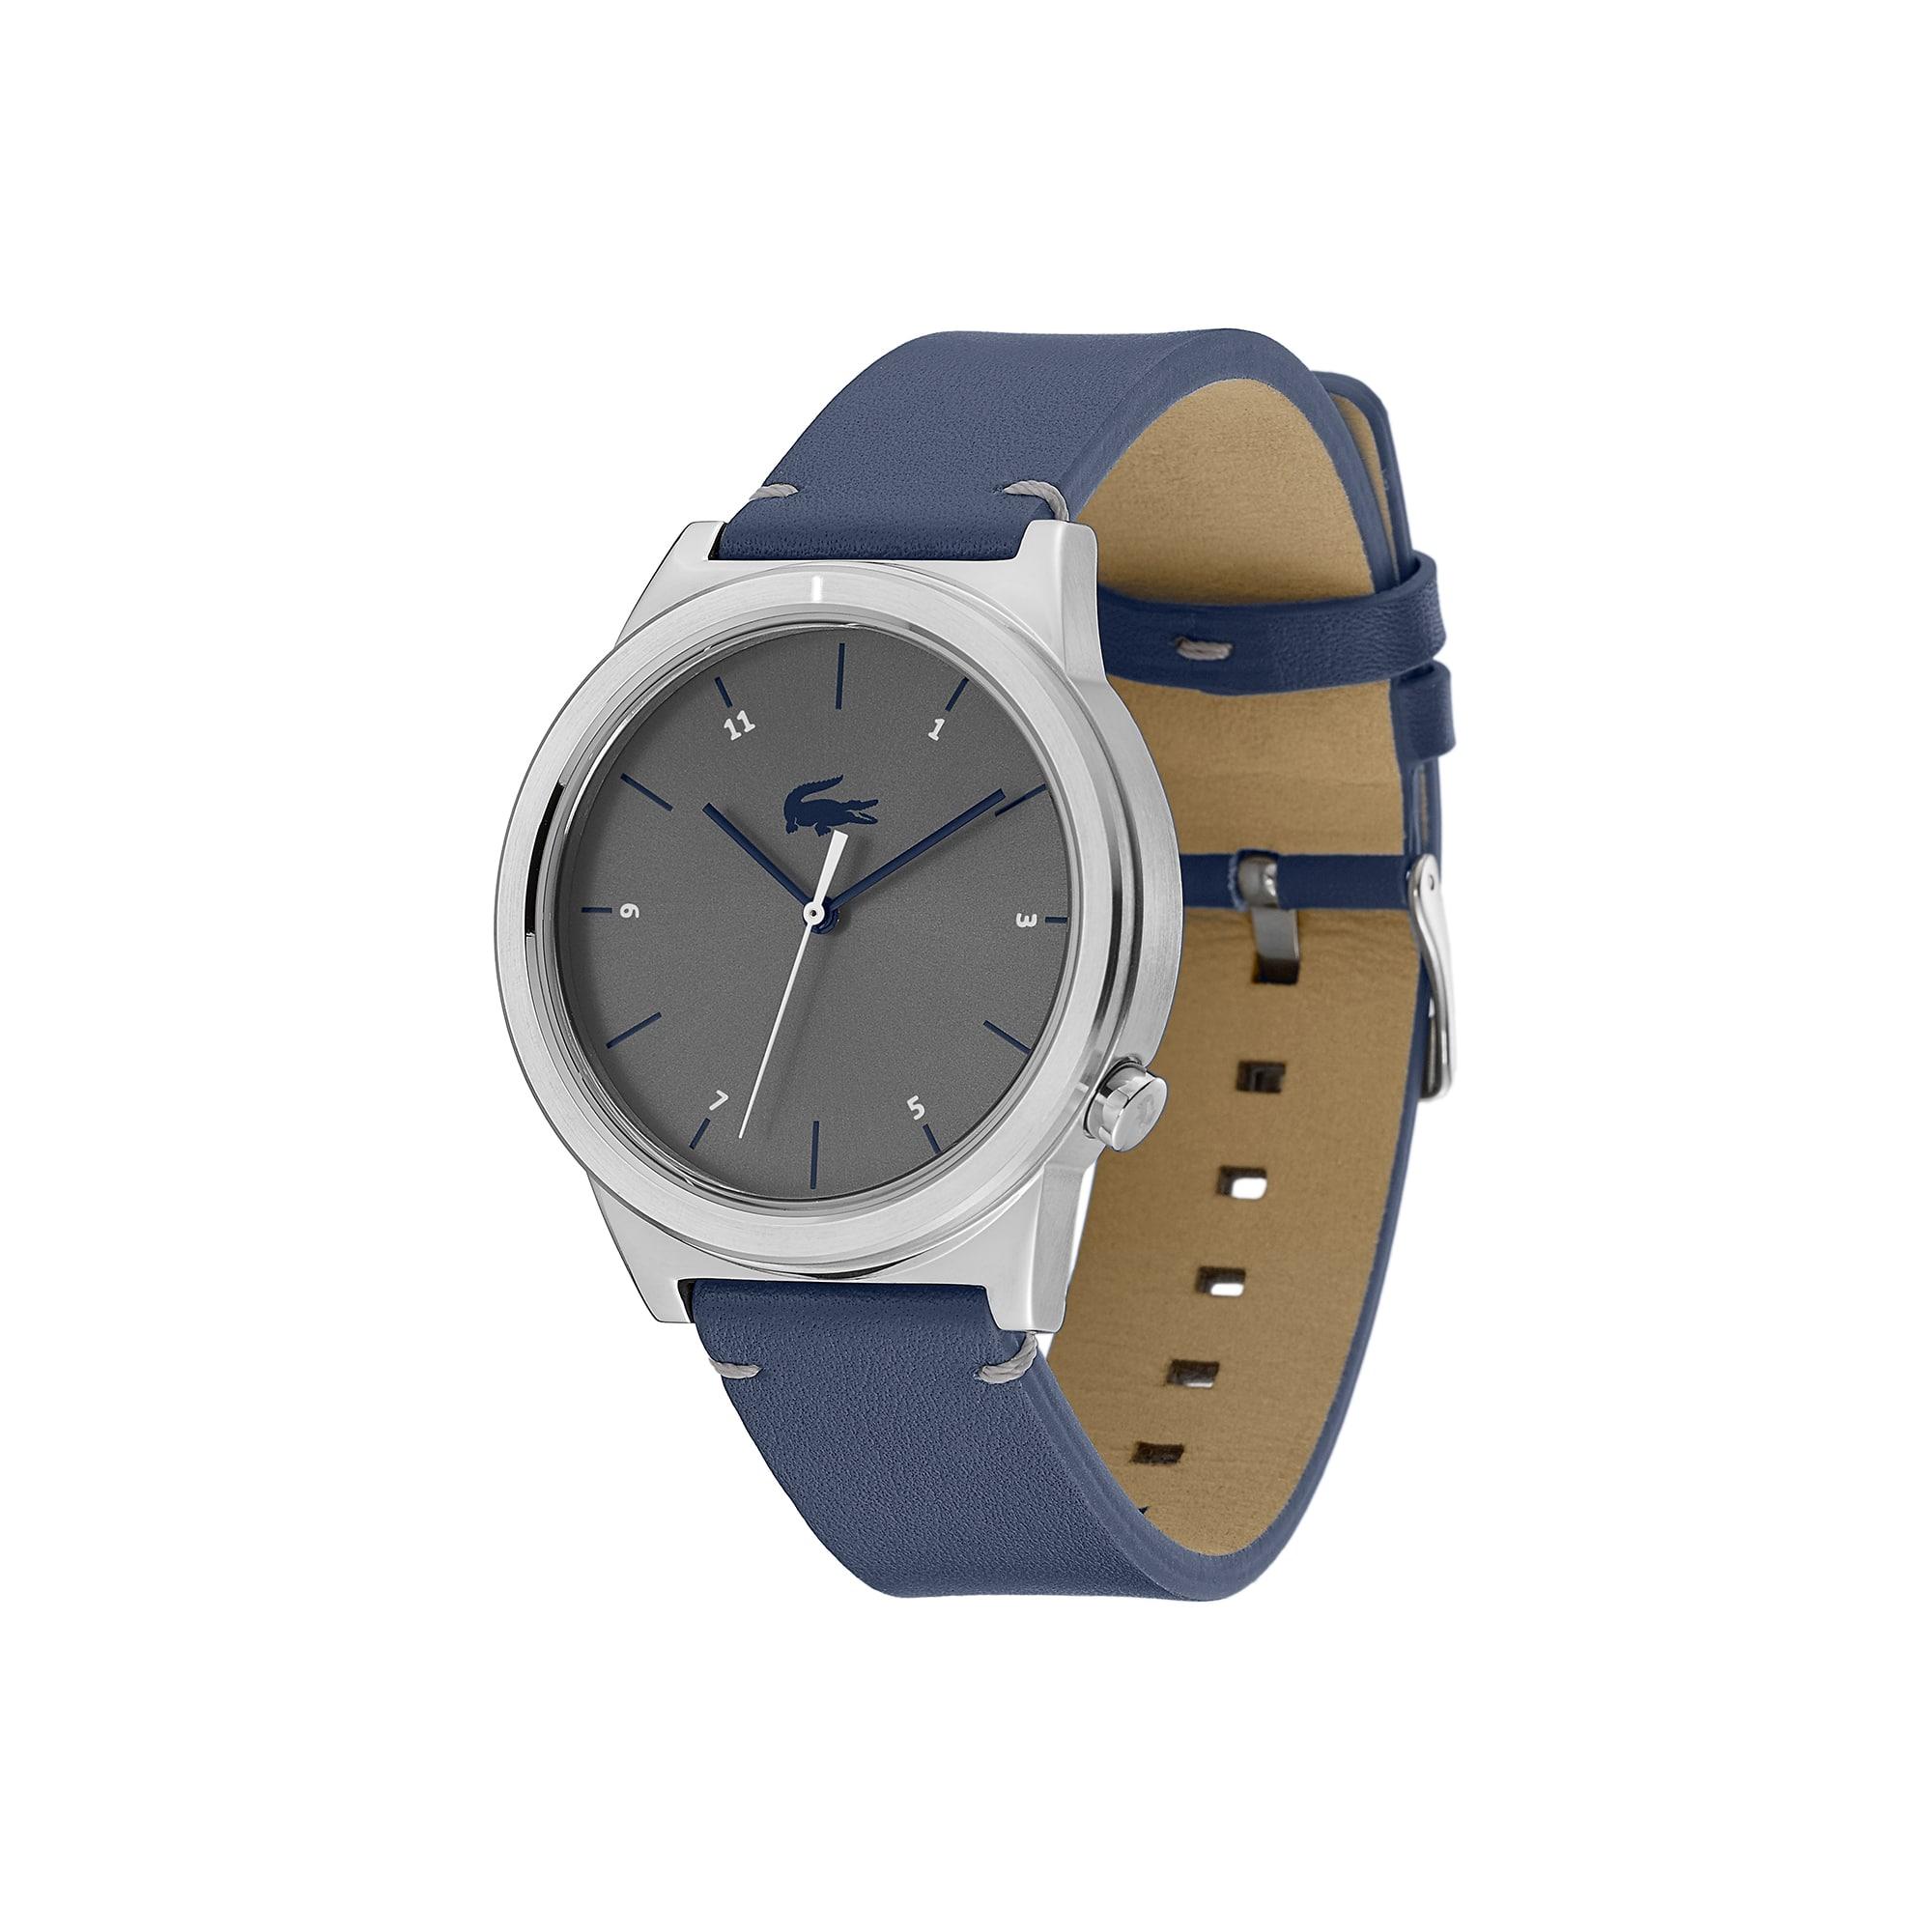 Relógio Motion de homem com bracelete de pele azul